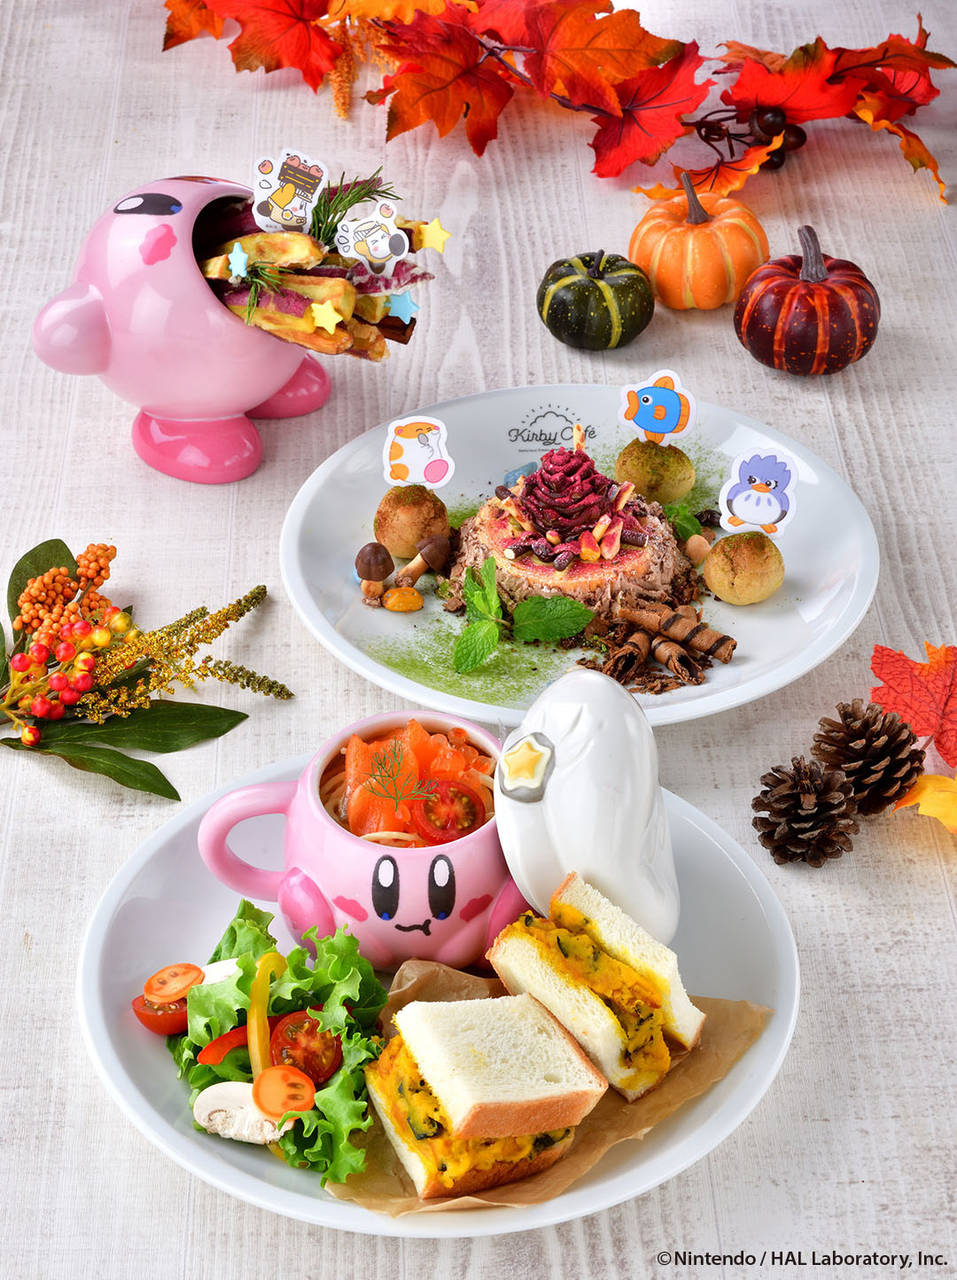 『星のカービィ』カフェに秋限定メニュー登場